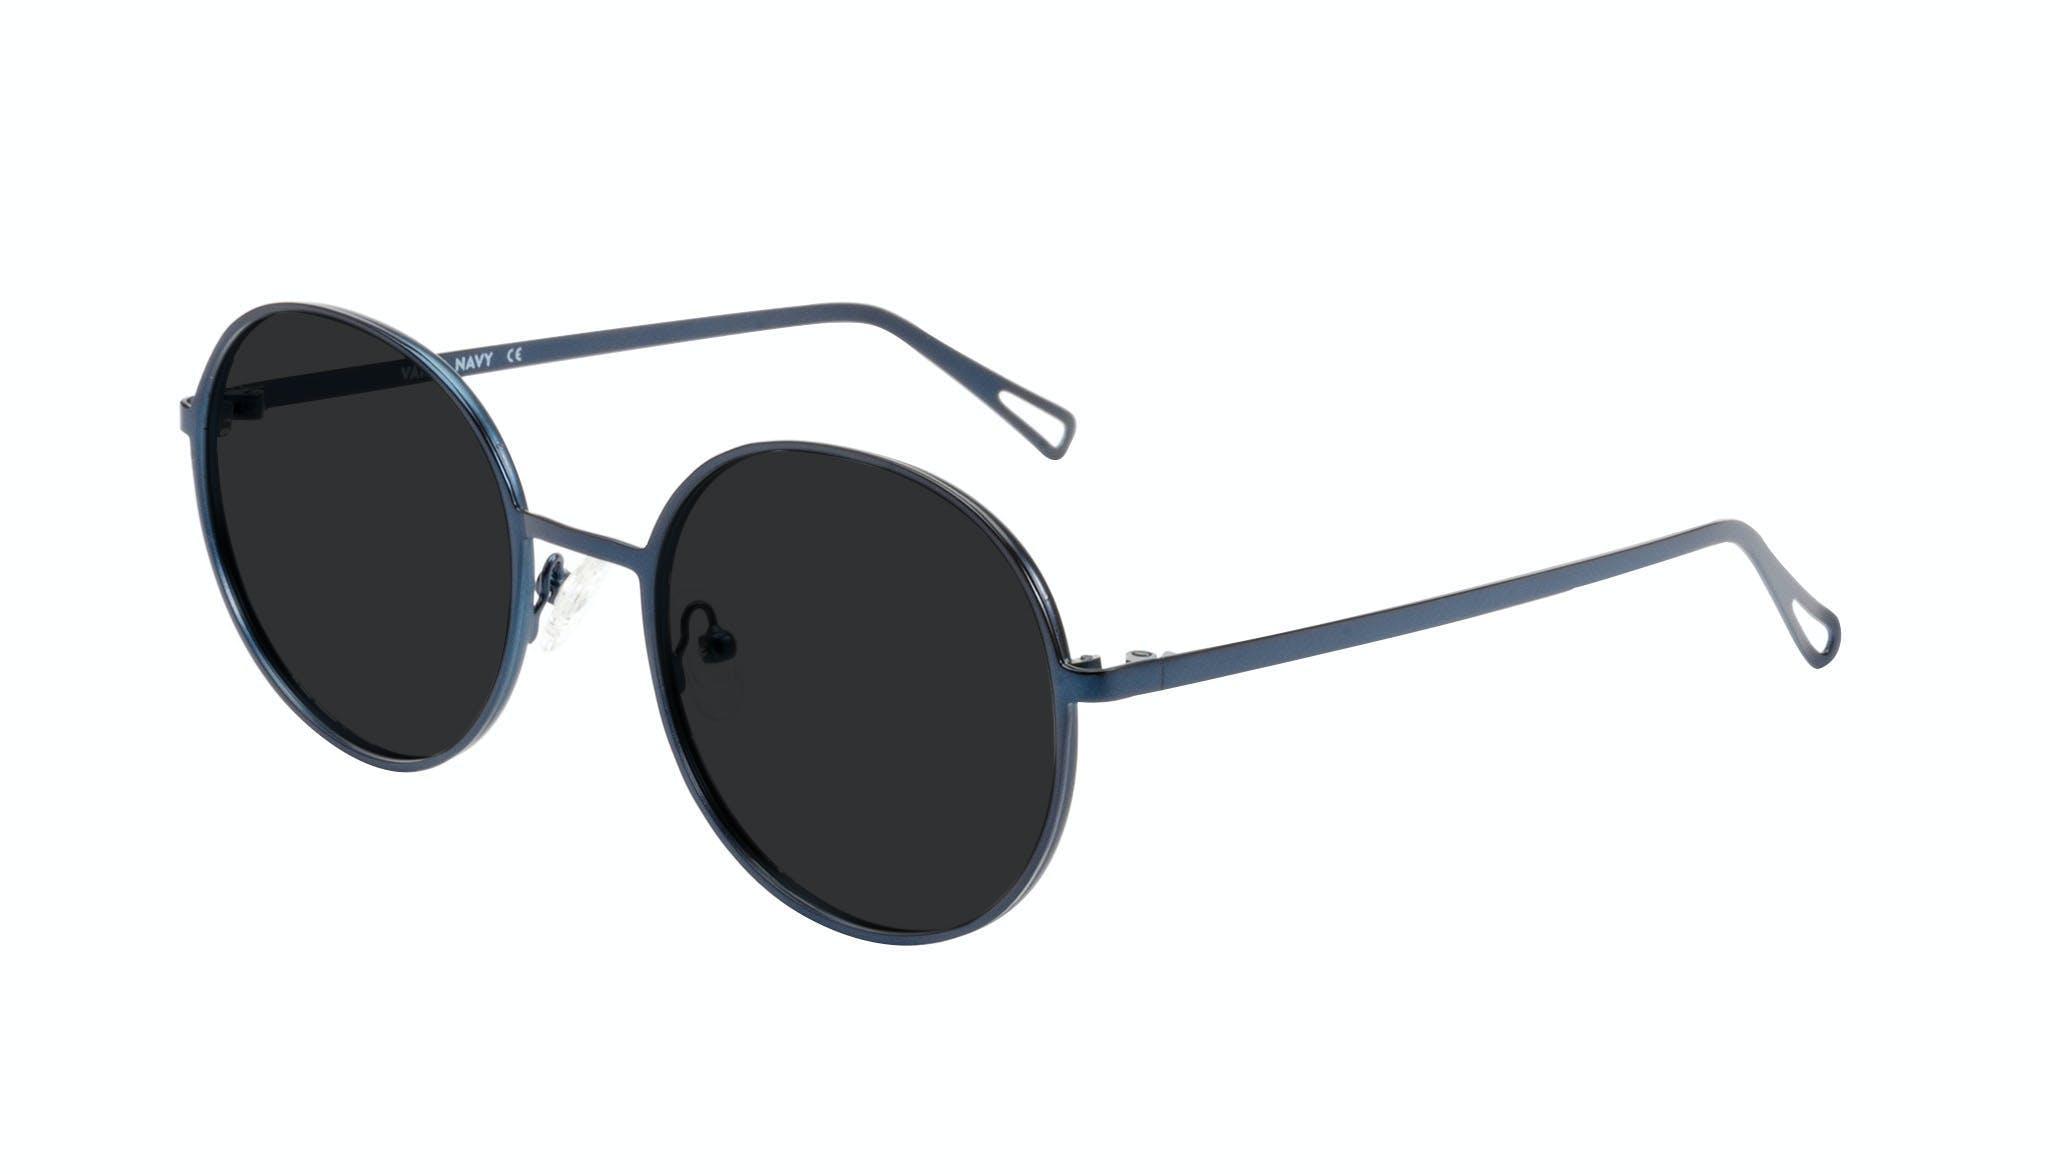 Affordable Fashion Glasses Round Sunglasses Men Women Varna Navy Tilt